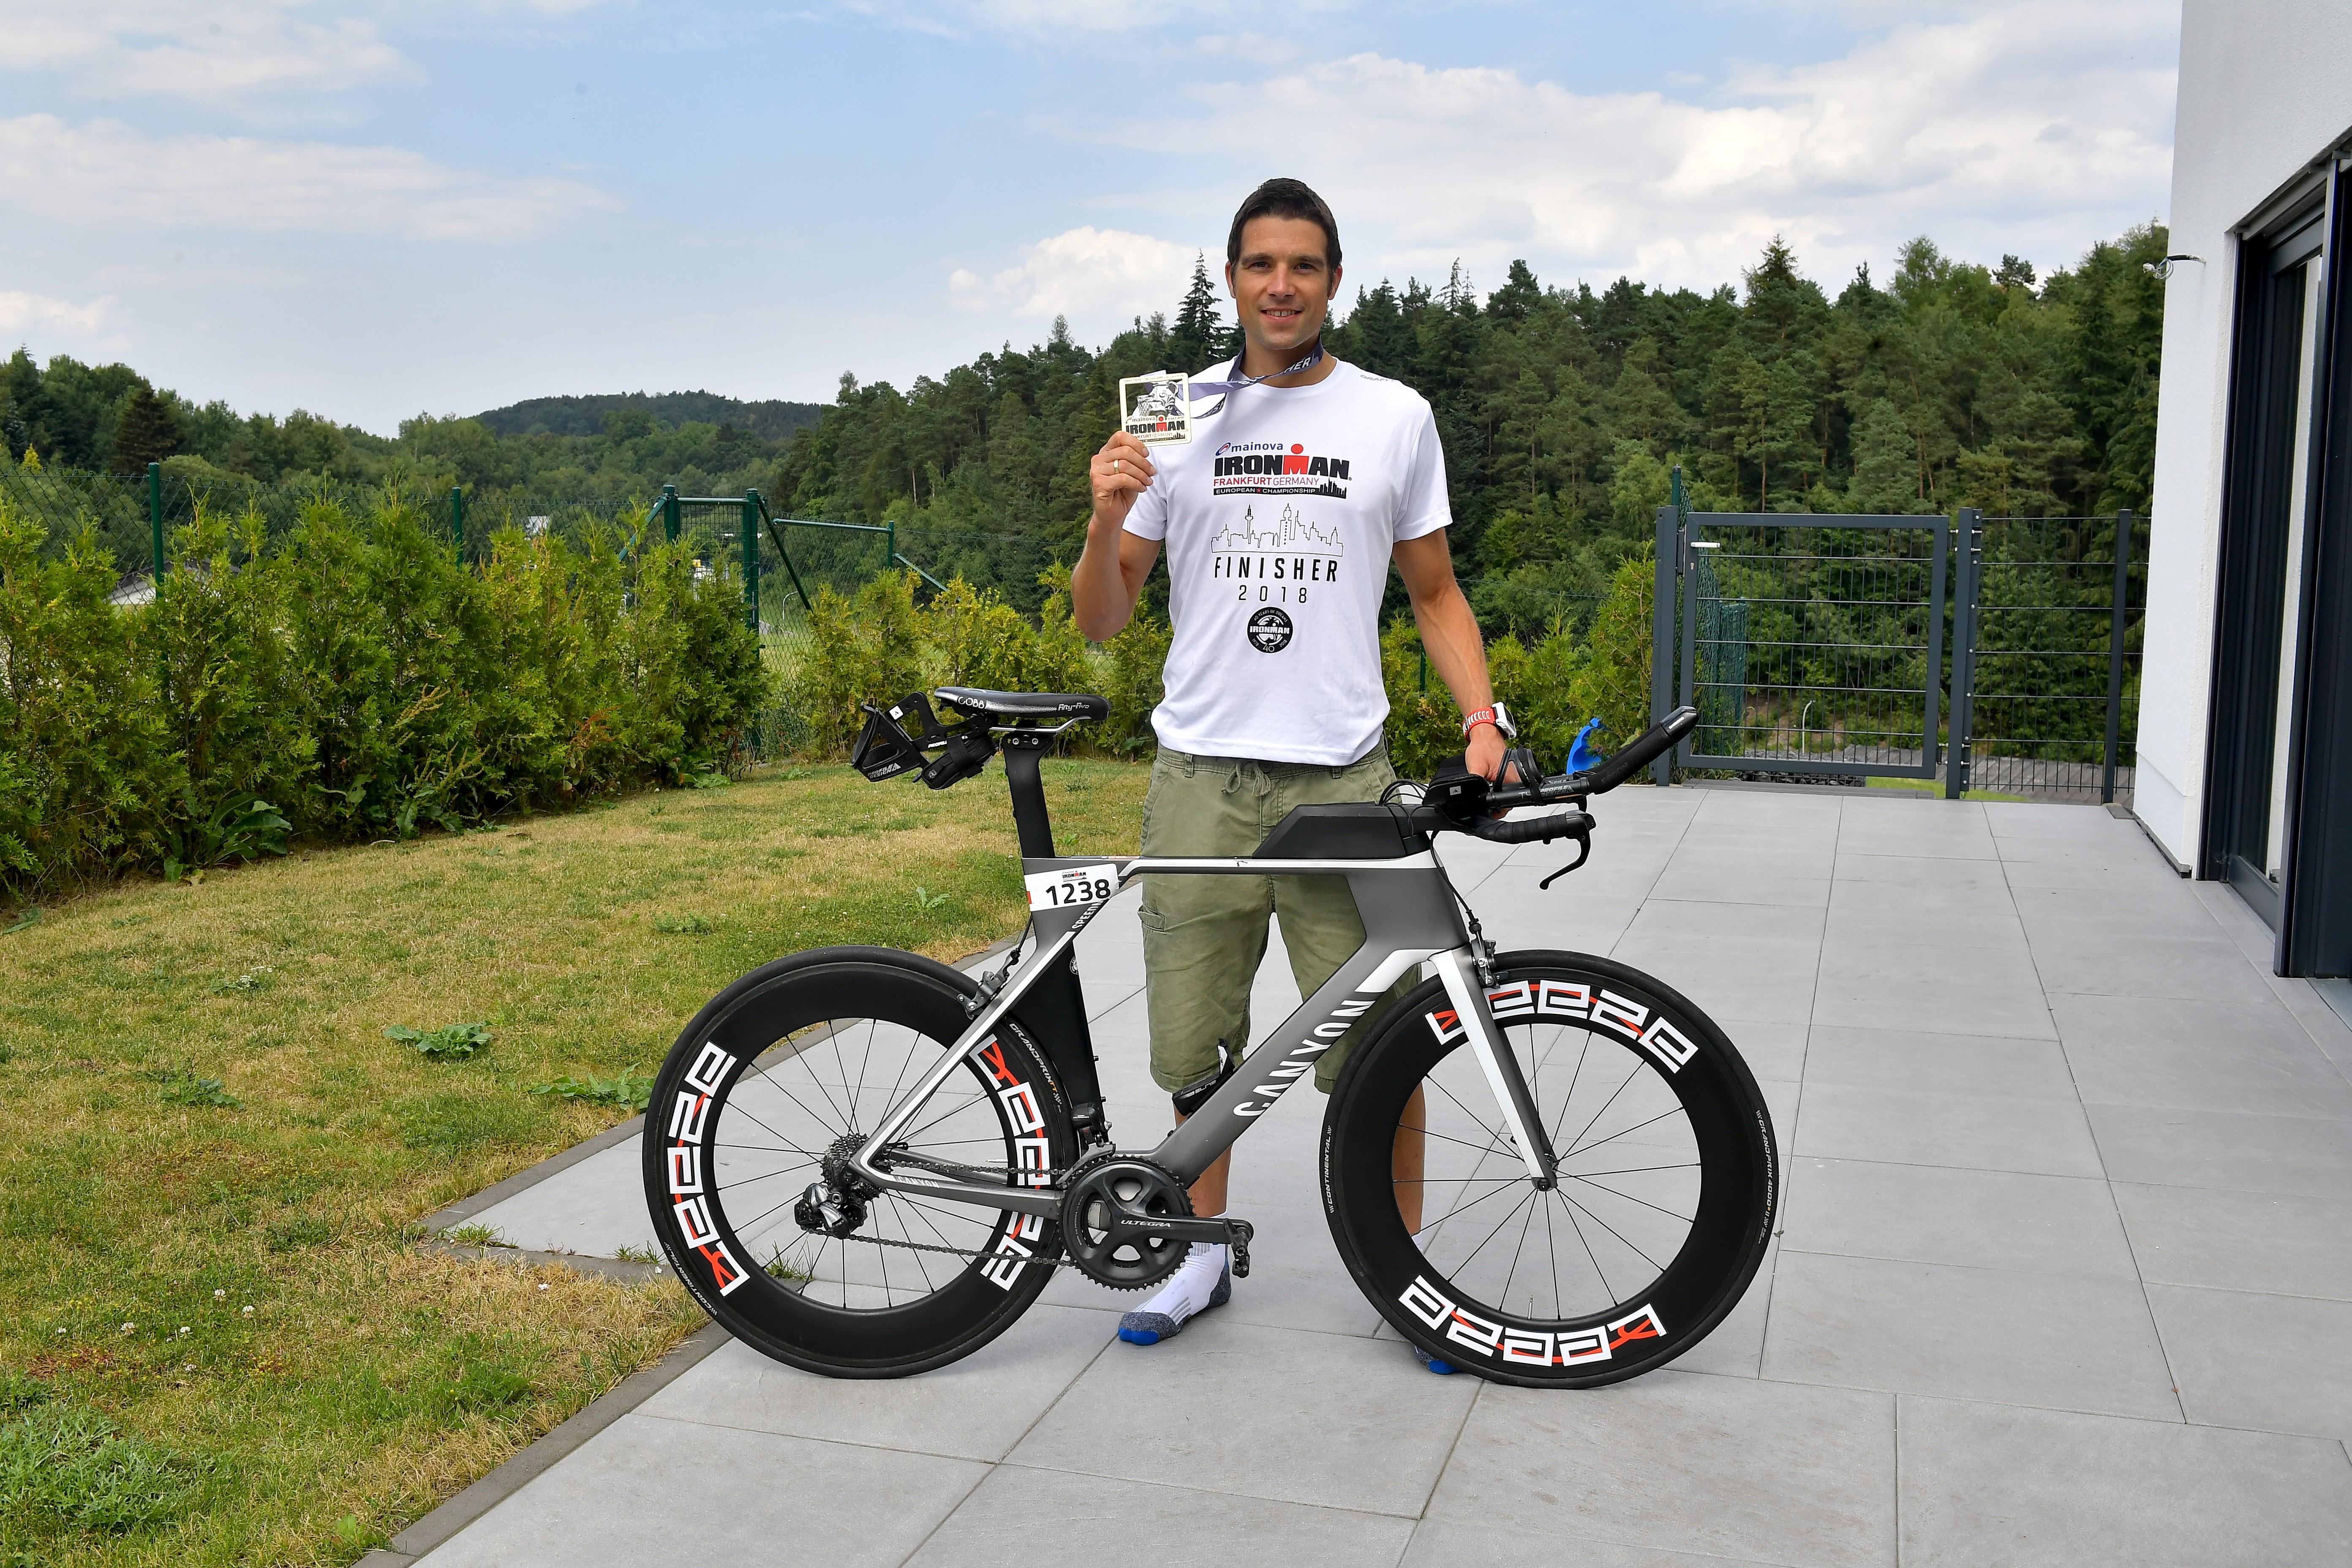 Christian Kaiser, Triathlon